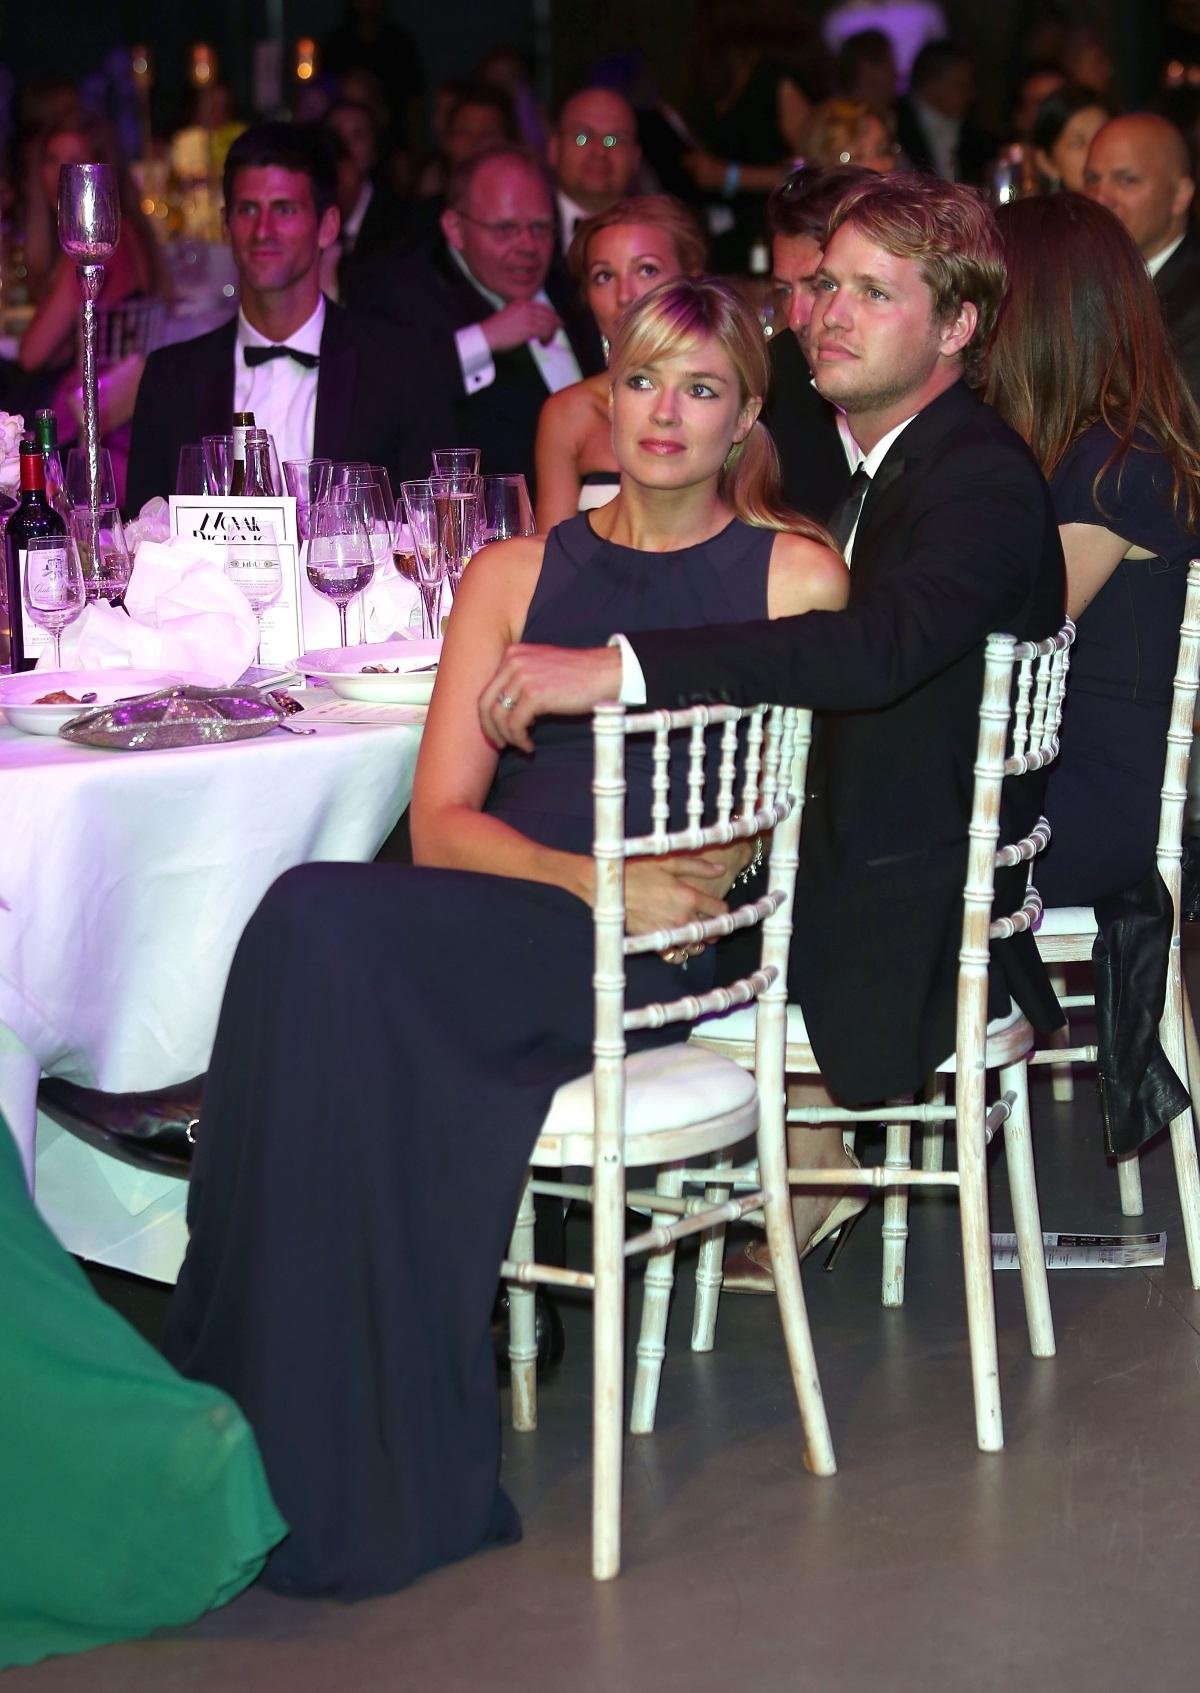 Друга красавица е привлякла вниманието на принца преди той да предложи брак на Кейт през 2010 г. Името ѝ е Изабела Калторп. Тя е дъщеря на банкрутиралата наследница Лейди Мери Гай Кързън и Джон Анструтер-Гоф-Калторп. Сестрата на Изабела е актрисата Кресида Калтроп, която беше гадже на принц Хари от 2012 до 2014 г.